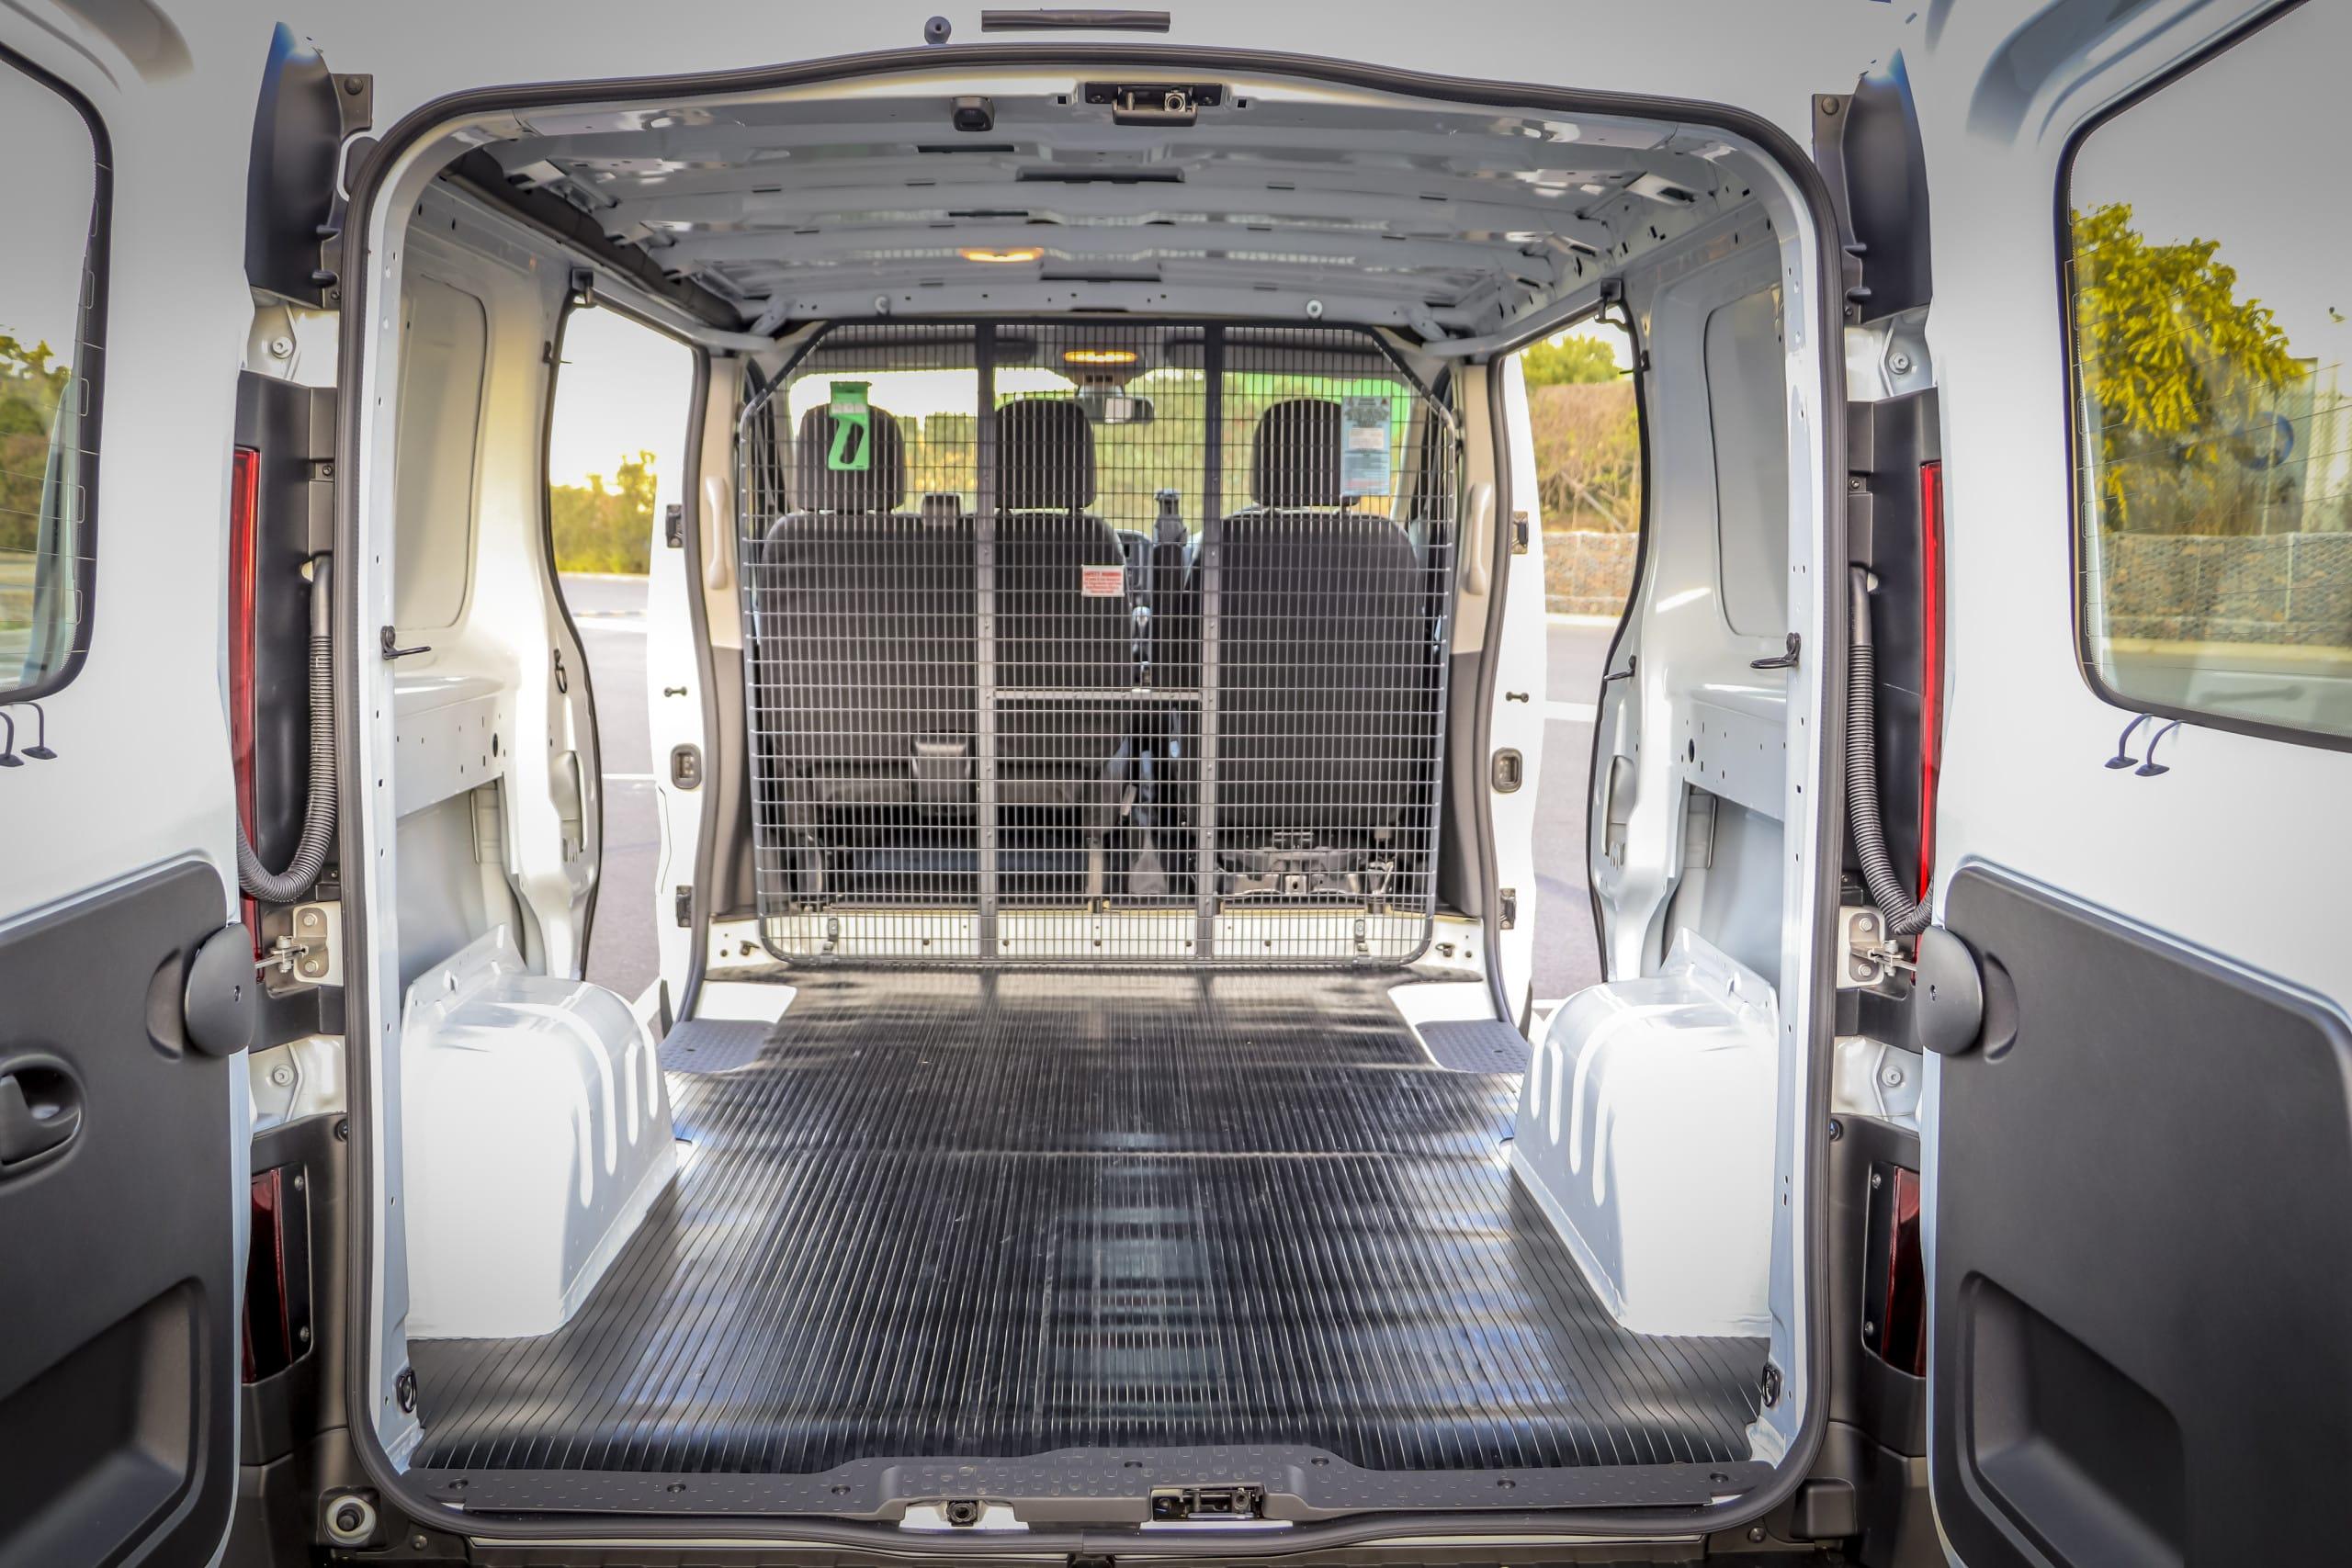 2020 Peugeot Expert and 2020 Mitsubishi Express Van comparison (car review)